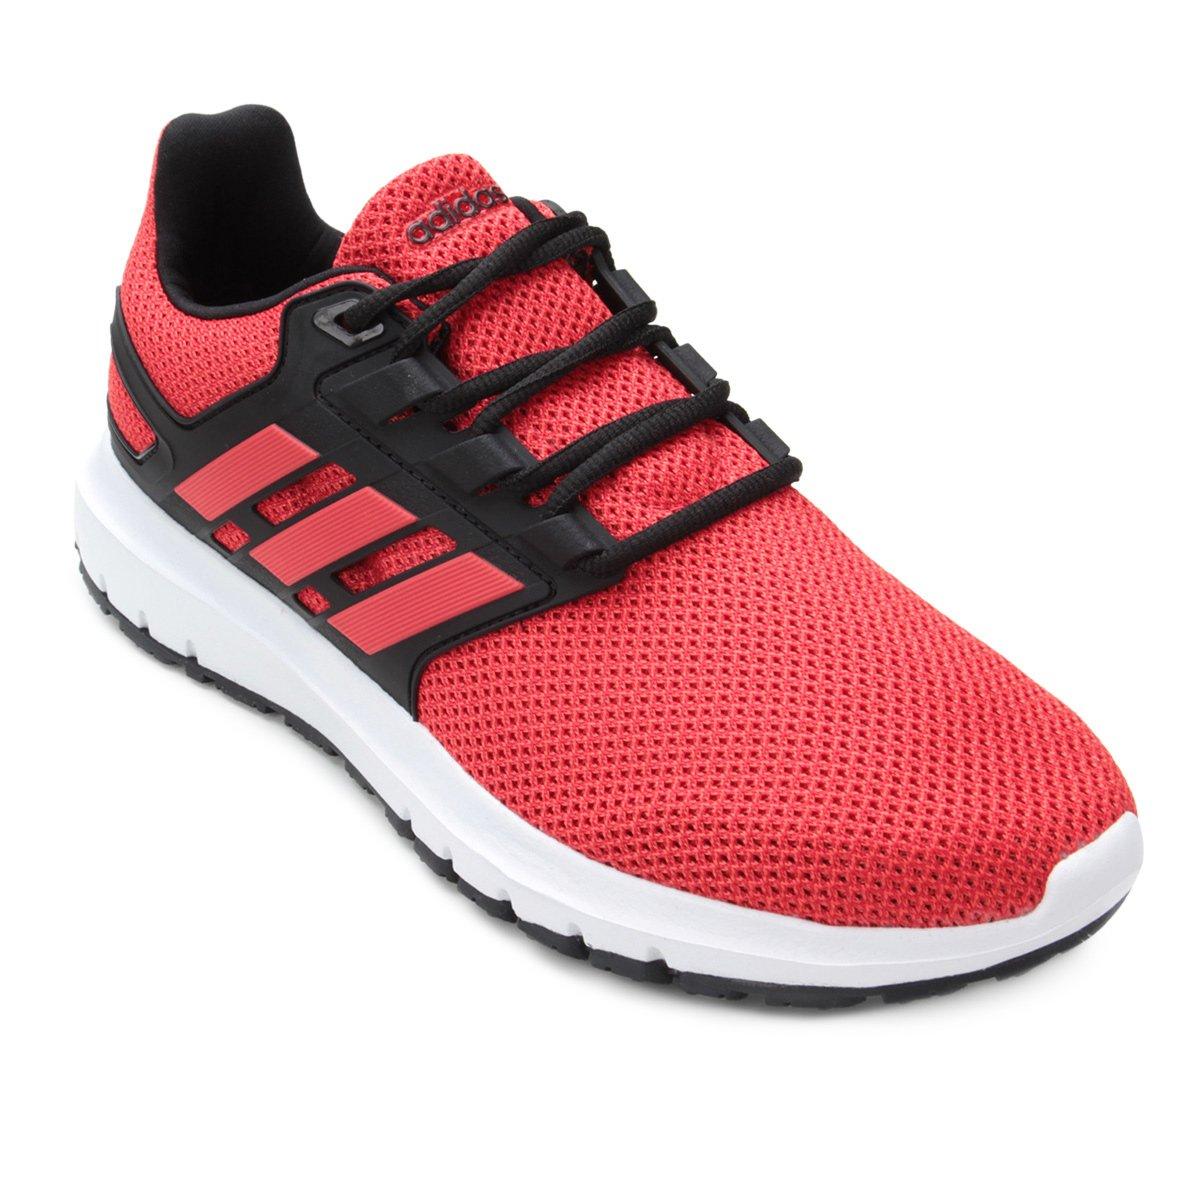 Tênis Adidas Energy Cloud 2 Masculino - Vermelho e Preto - Compre ... 6b6c4d0fa9050